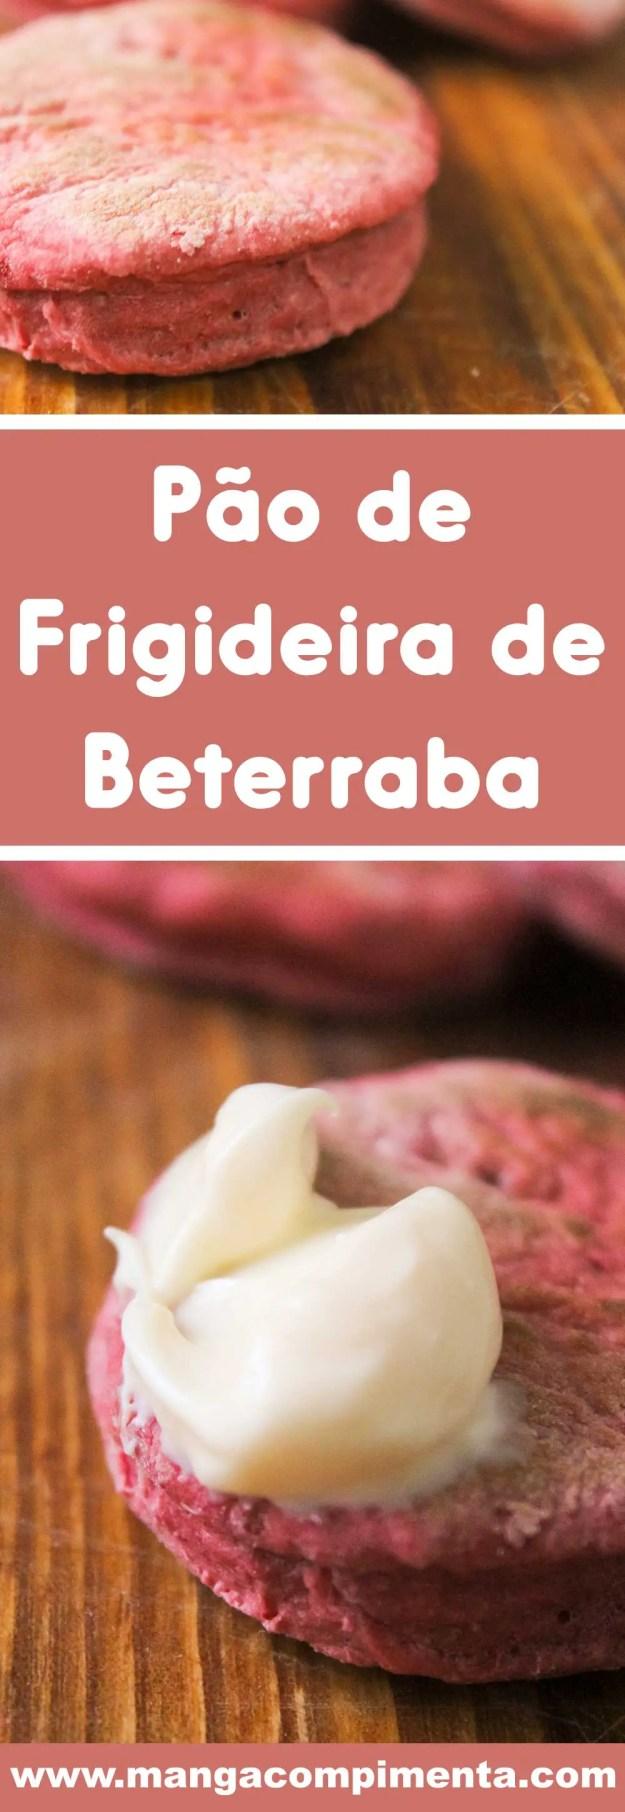 Receita de Pão de Frigideira de Beterraba - prepare um lanche delicioso e colorido para os pequenos nas férias!